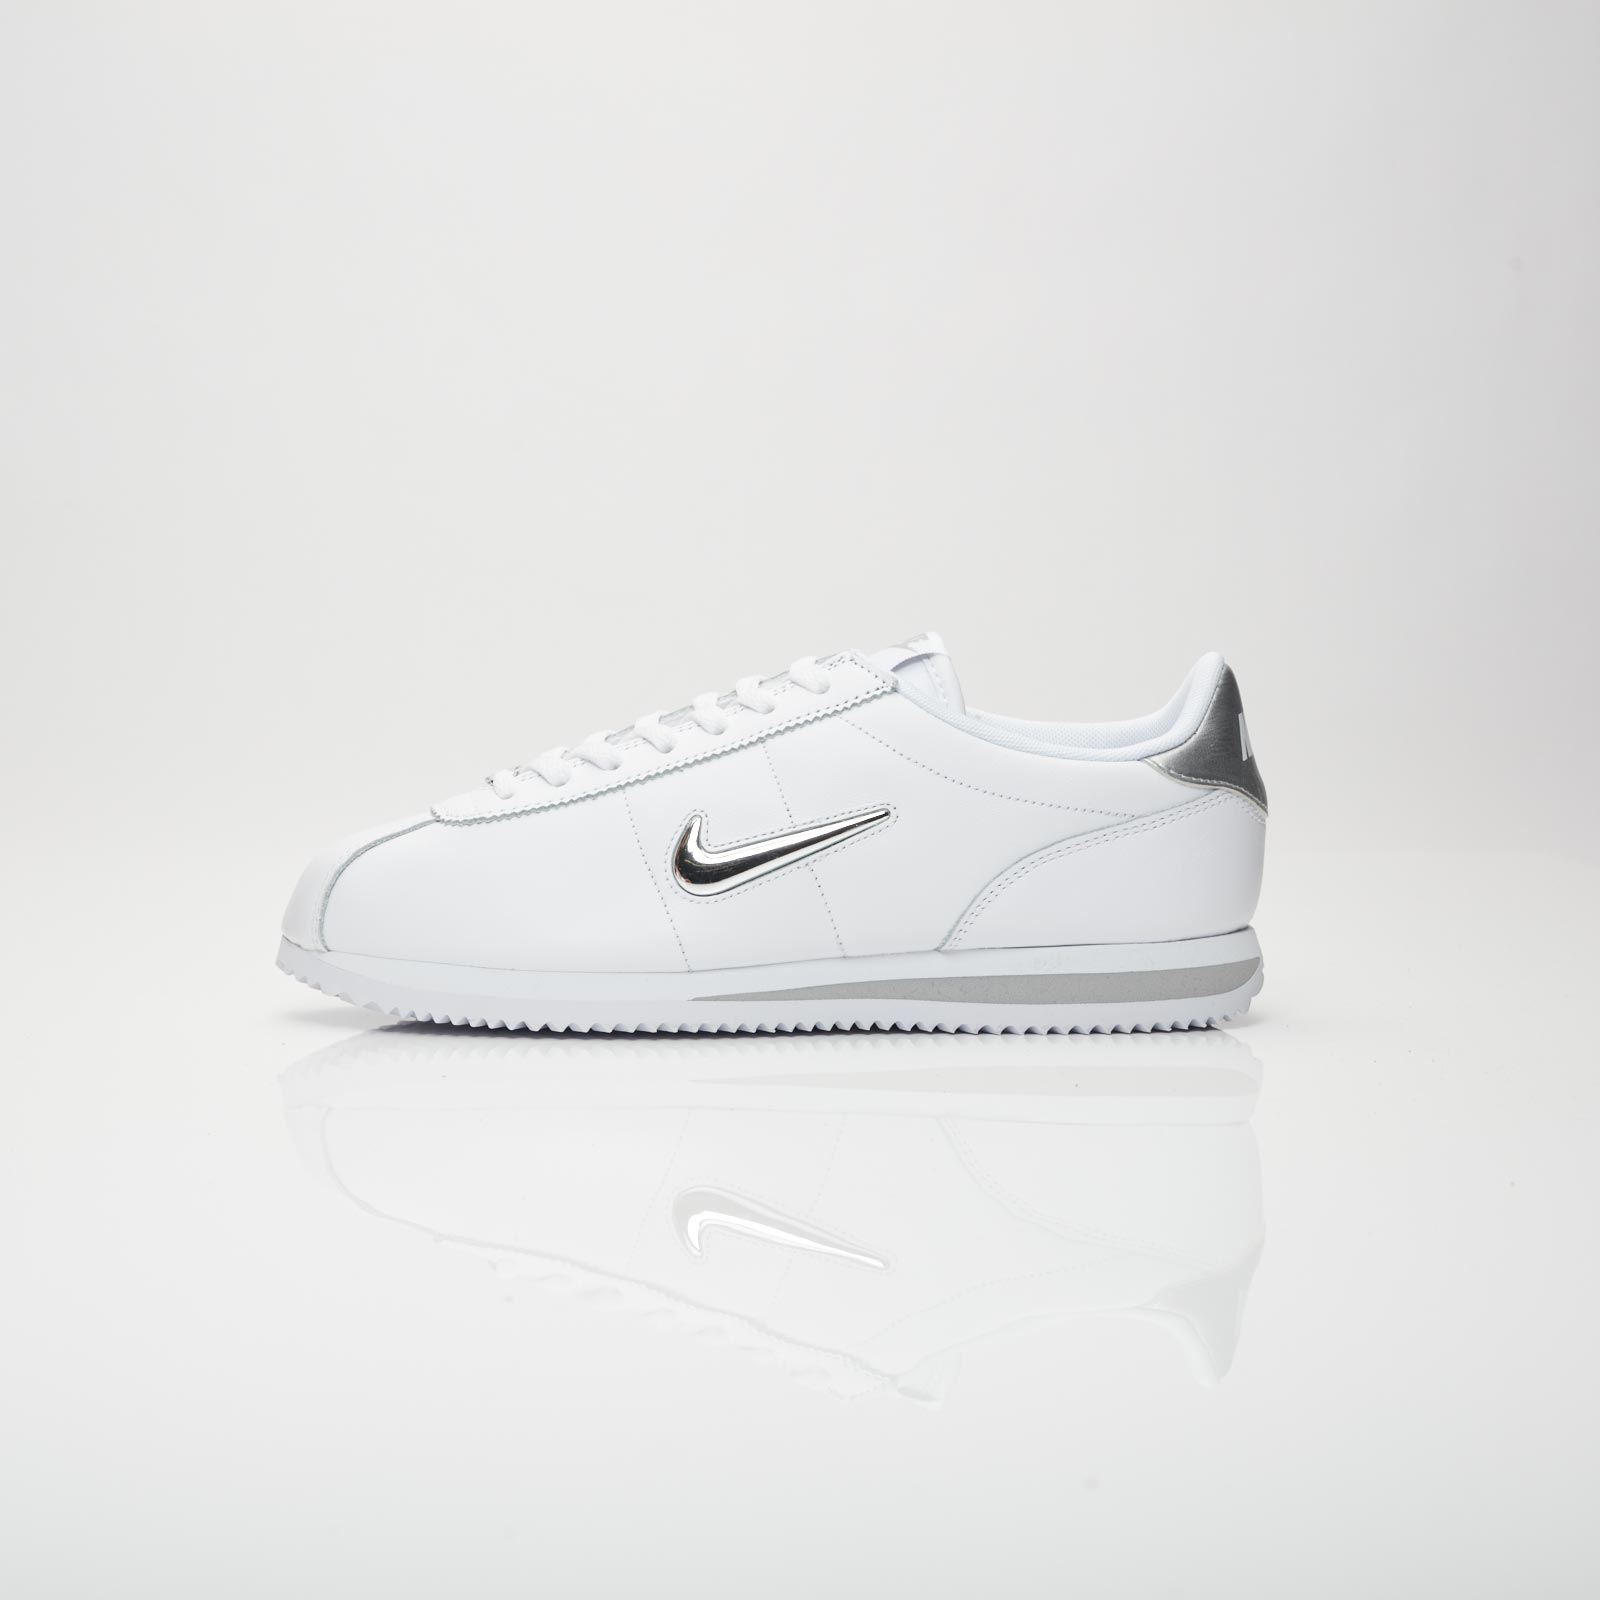 super popular 721a0 64638 Nike Cortez Basic Jewel - 833238-101 - Sneakersnstuff I Sneakers    Streetwear online seit 1999